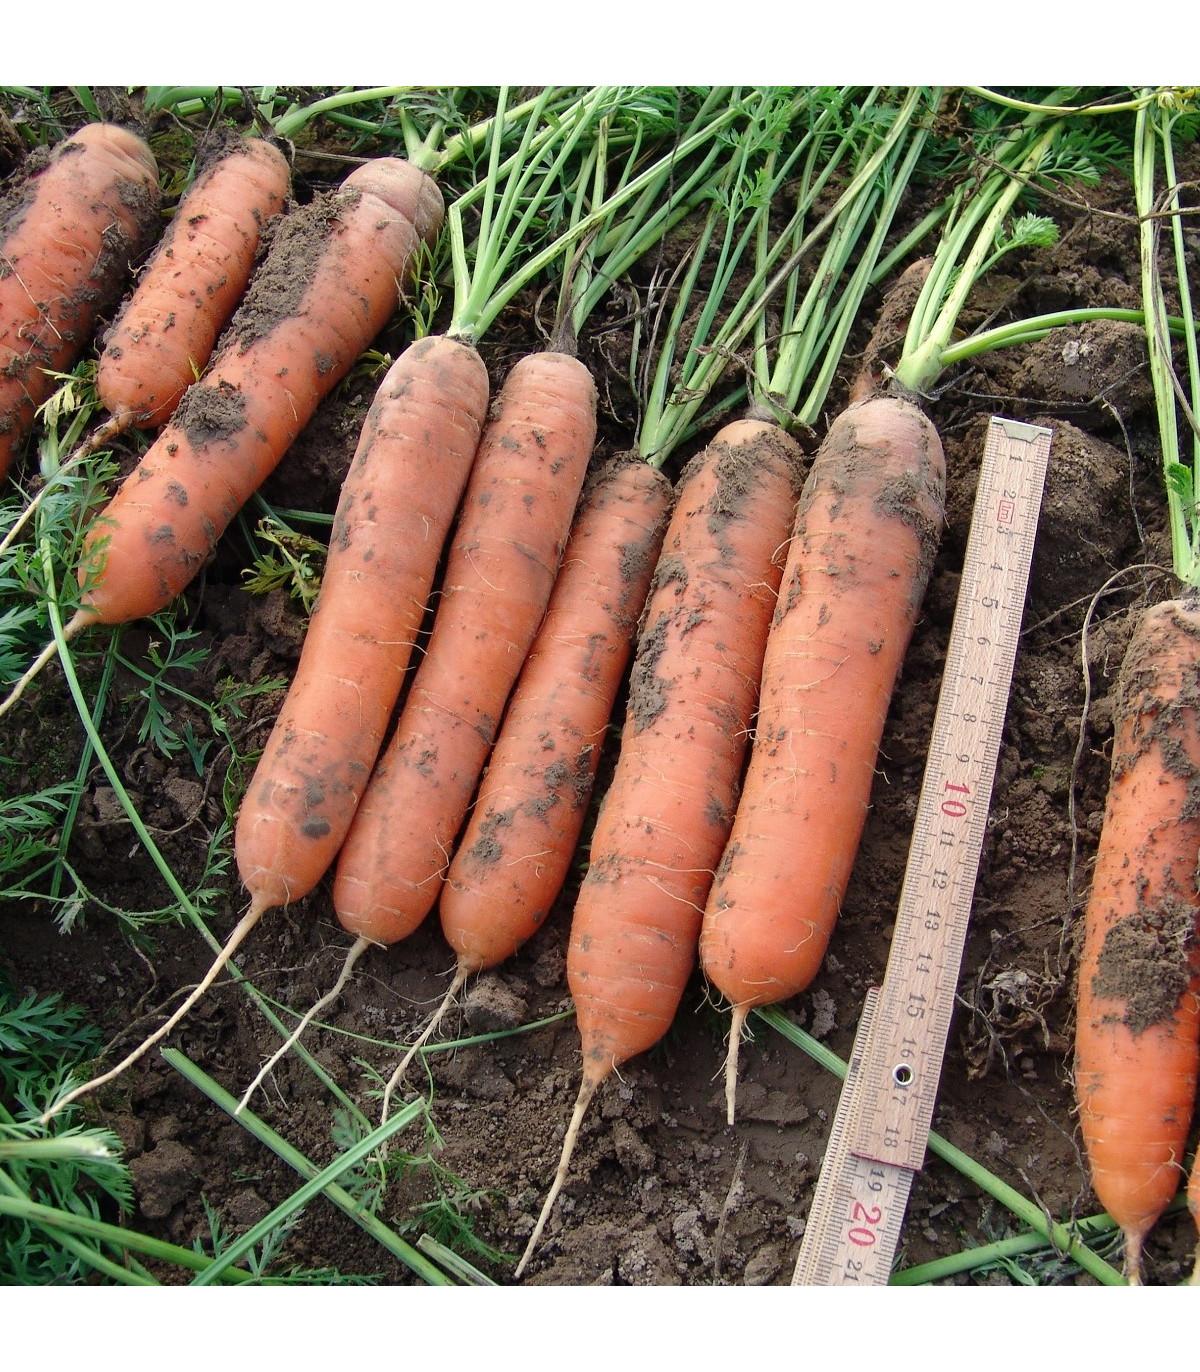 Mrkva skorá Marion F1 - Daucus carota - semená - 900 ks